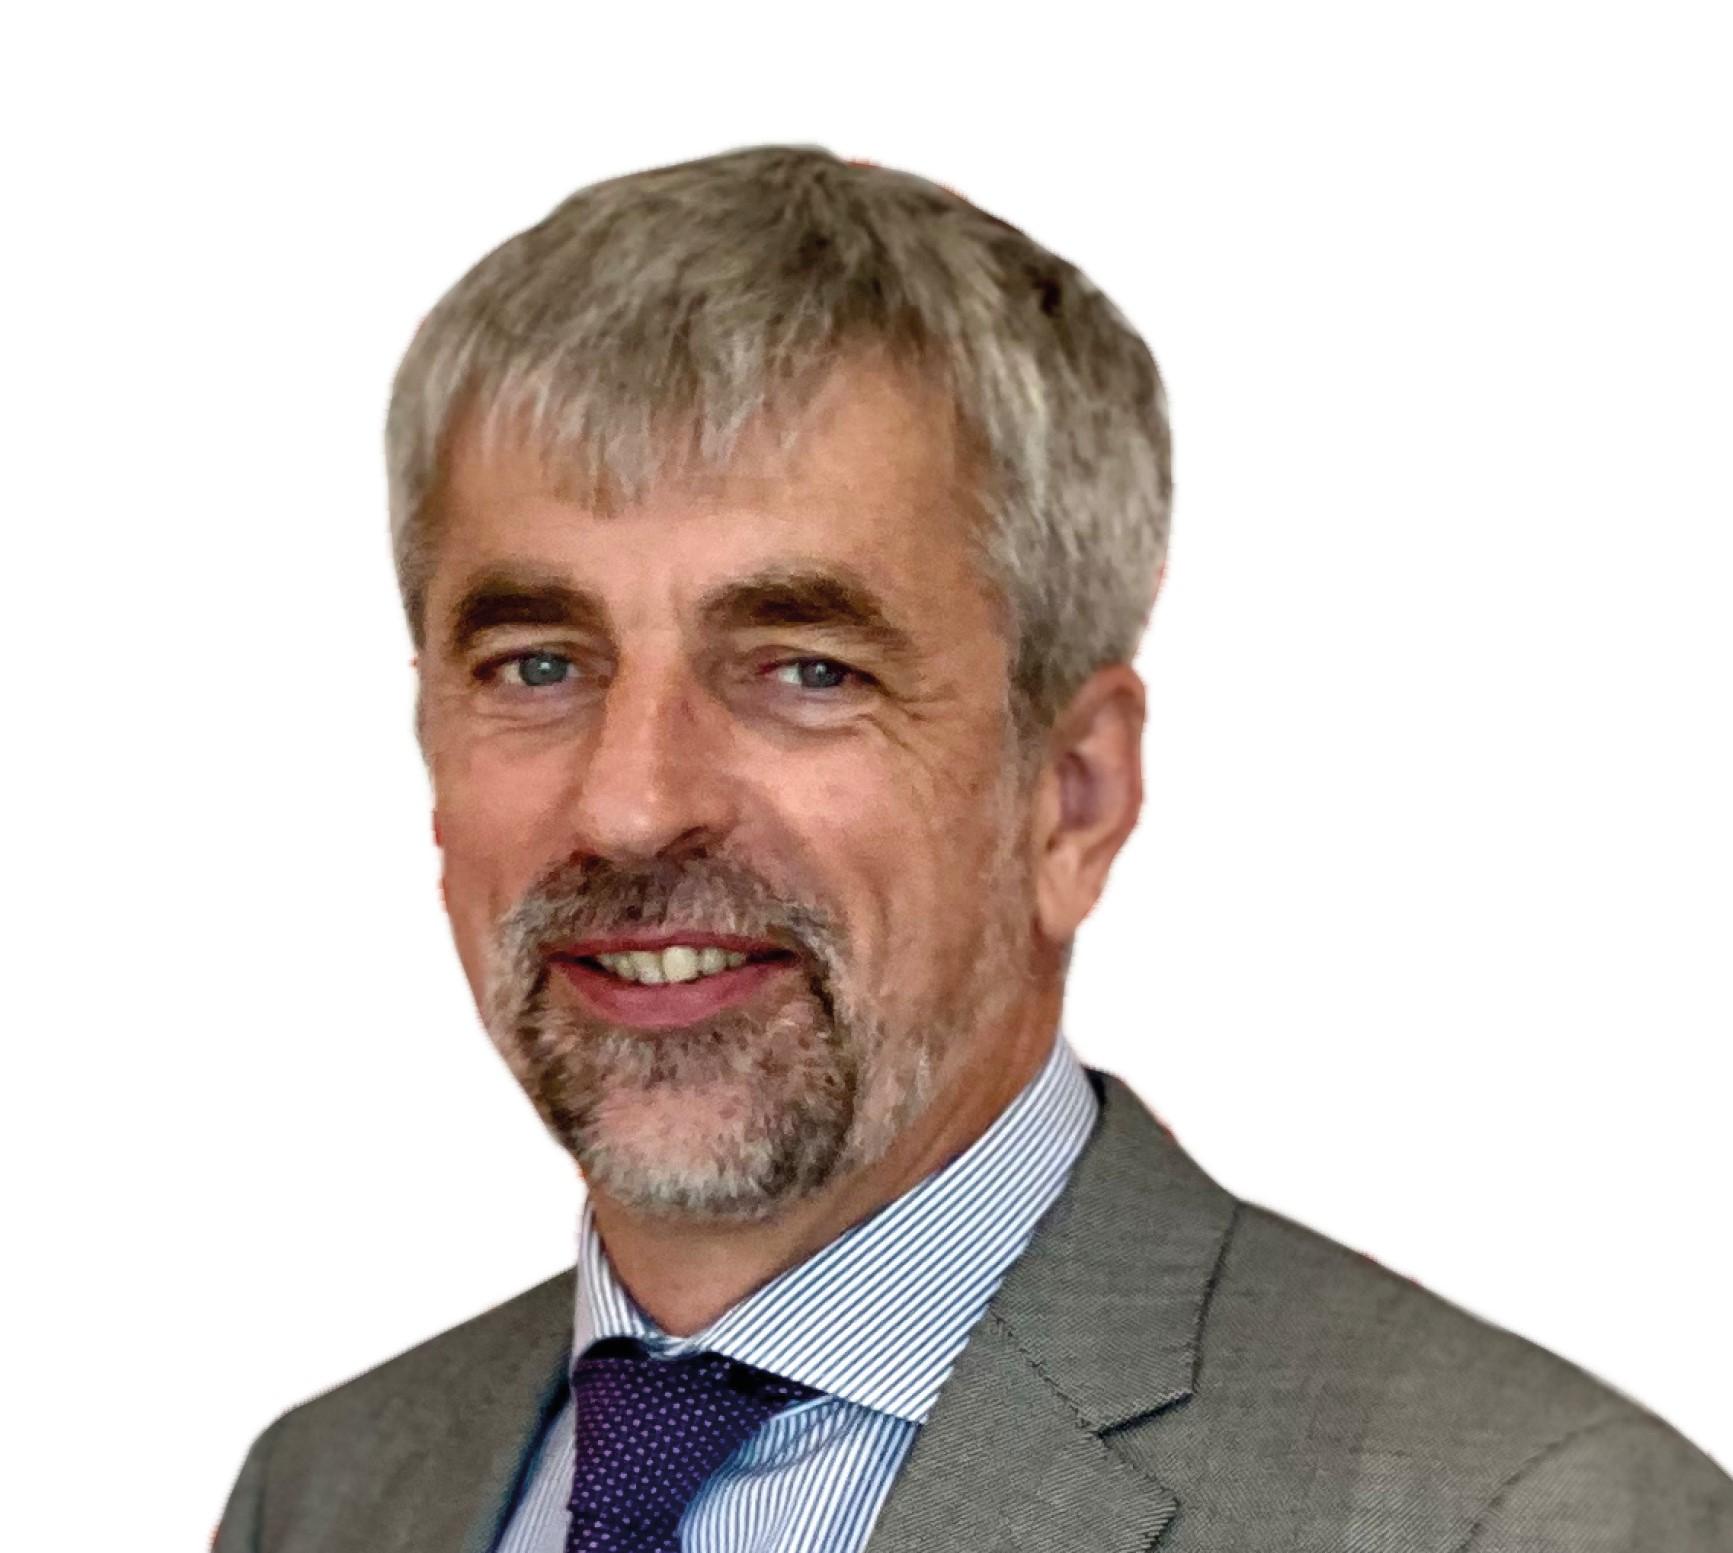 Steve Lankester